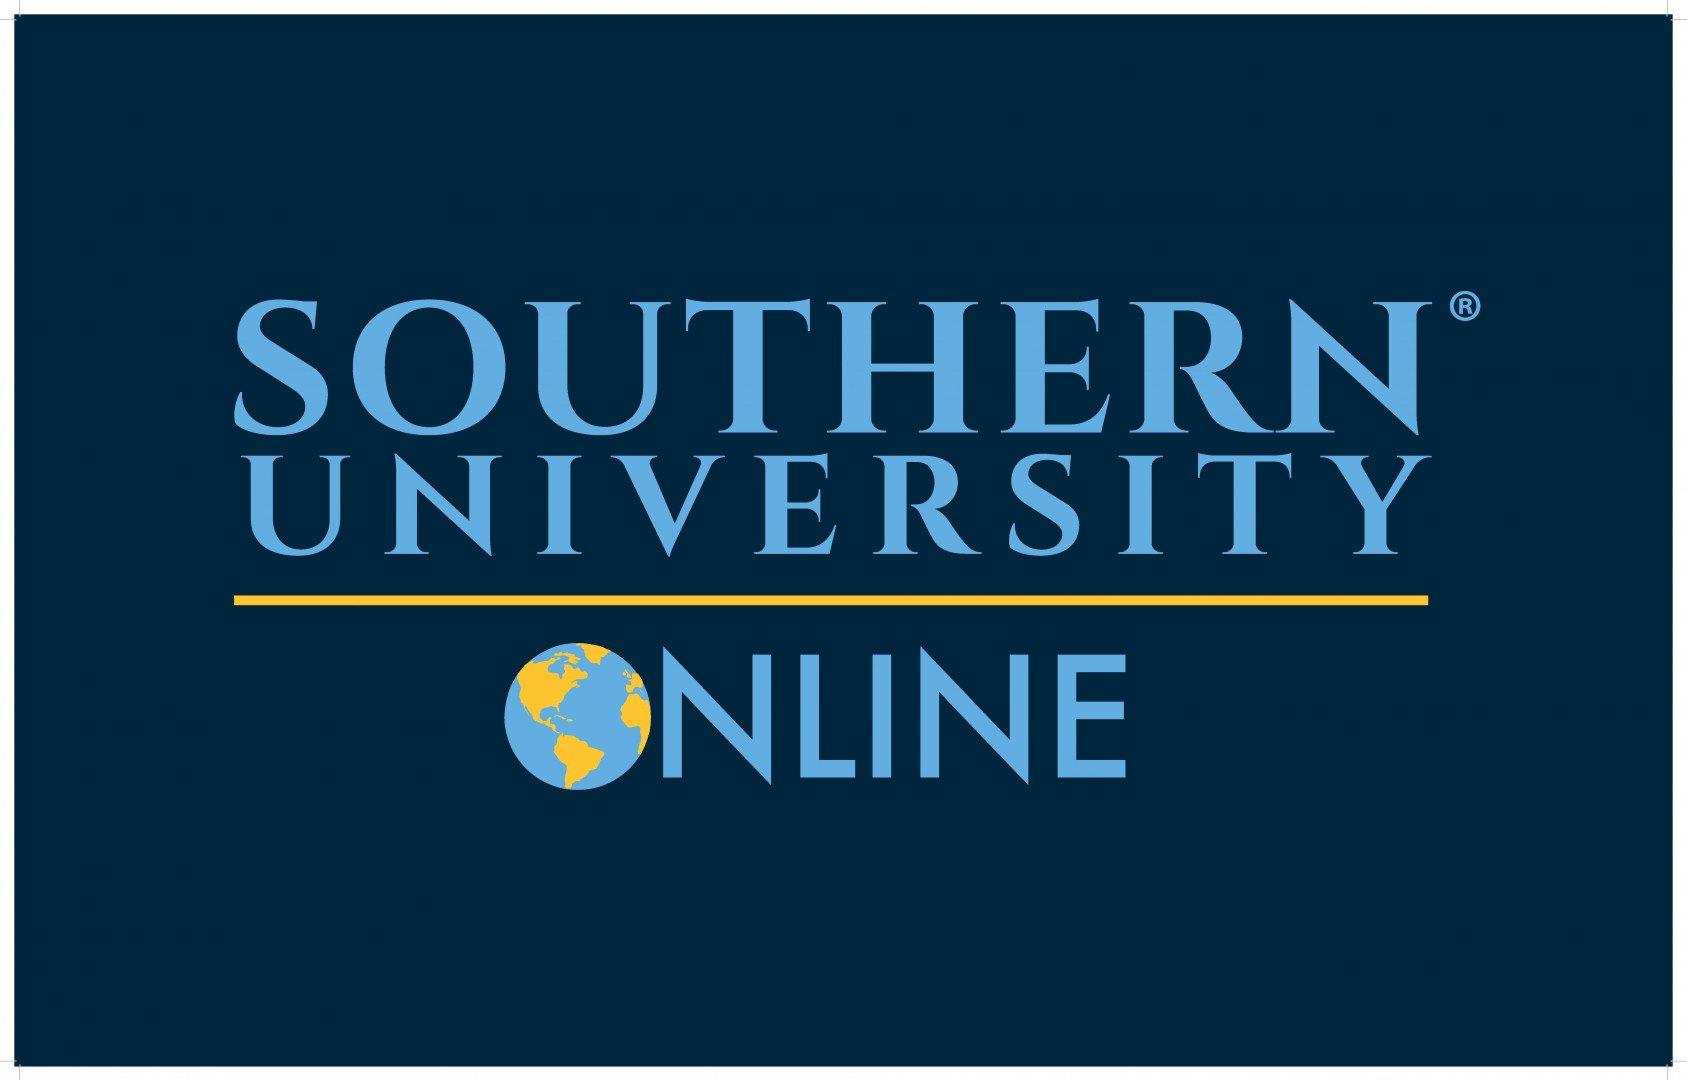 Southern University Online